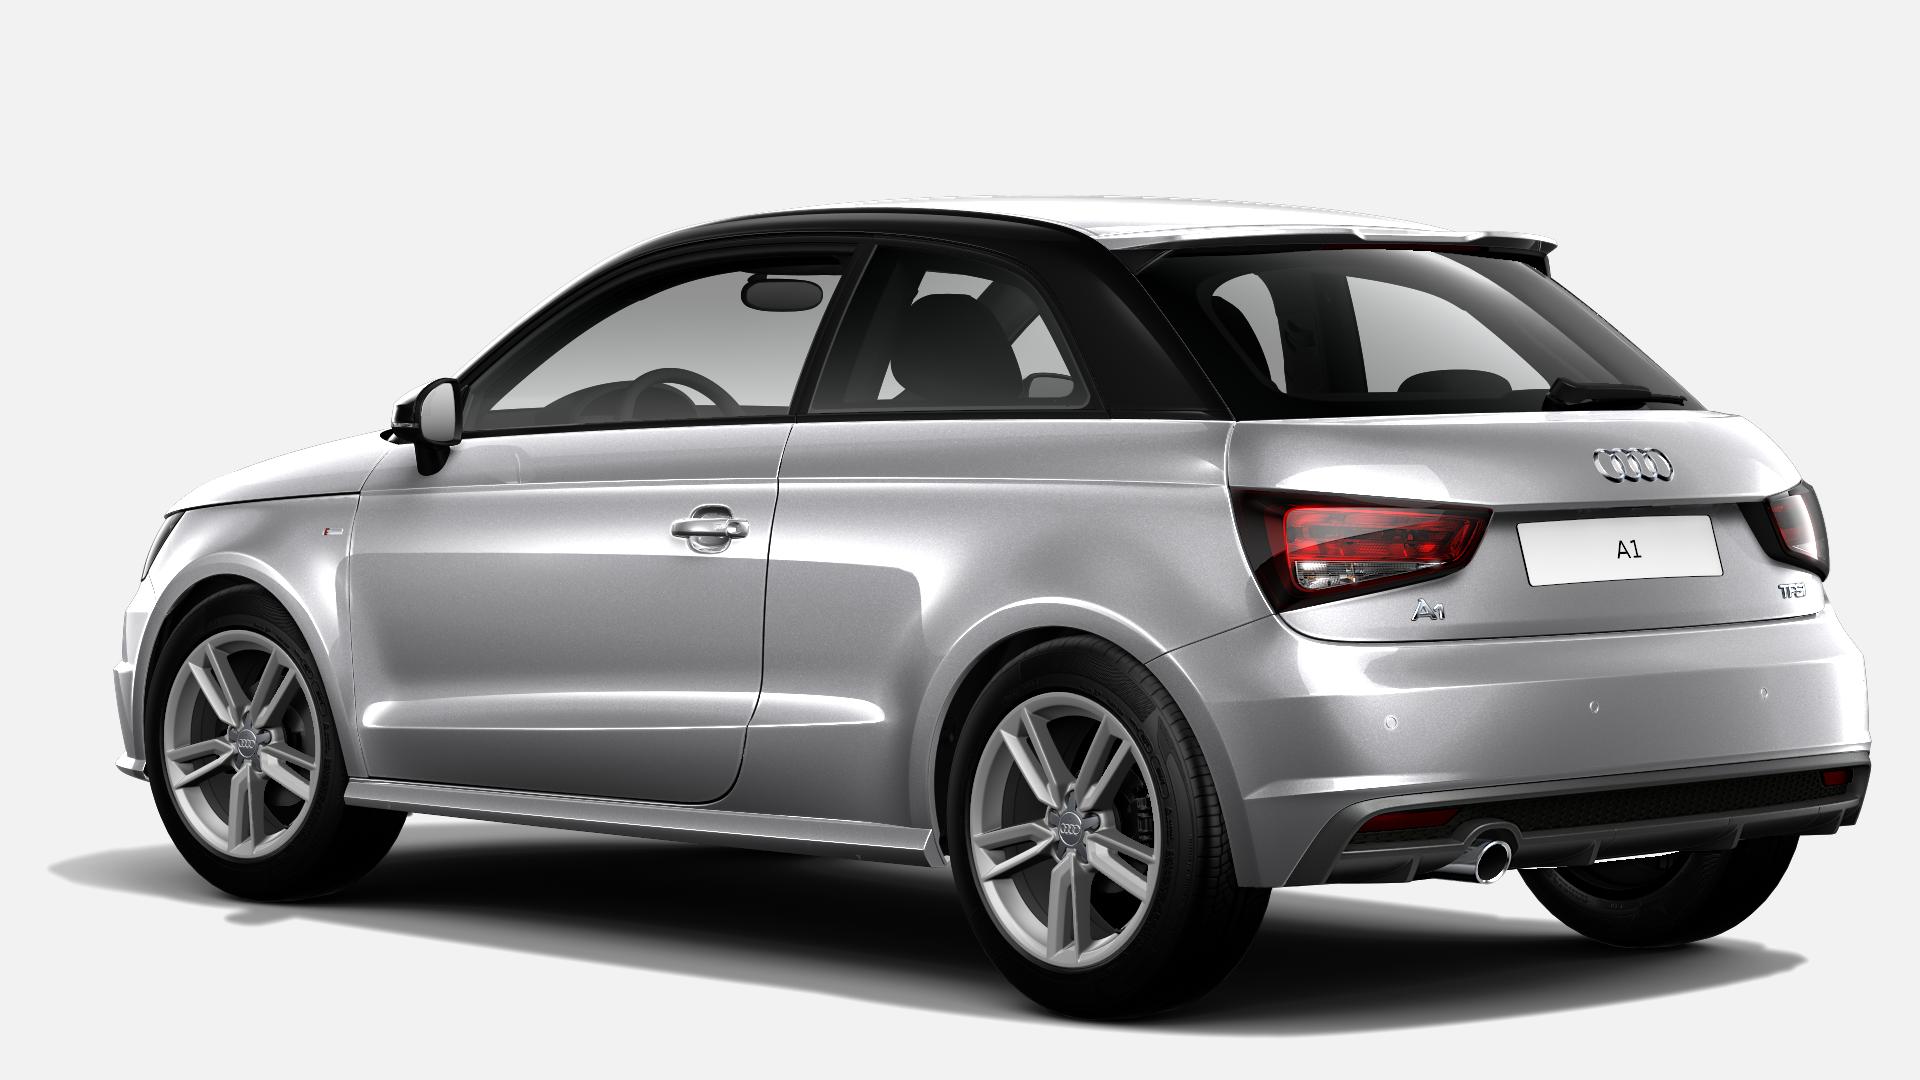 Foto 1 de Audi A1 1.0 TFSI Adrenalin 70 kW (95 CV)